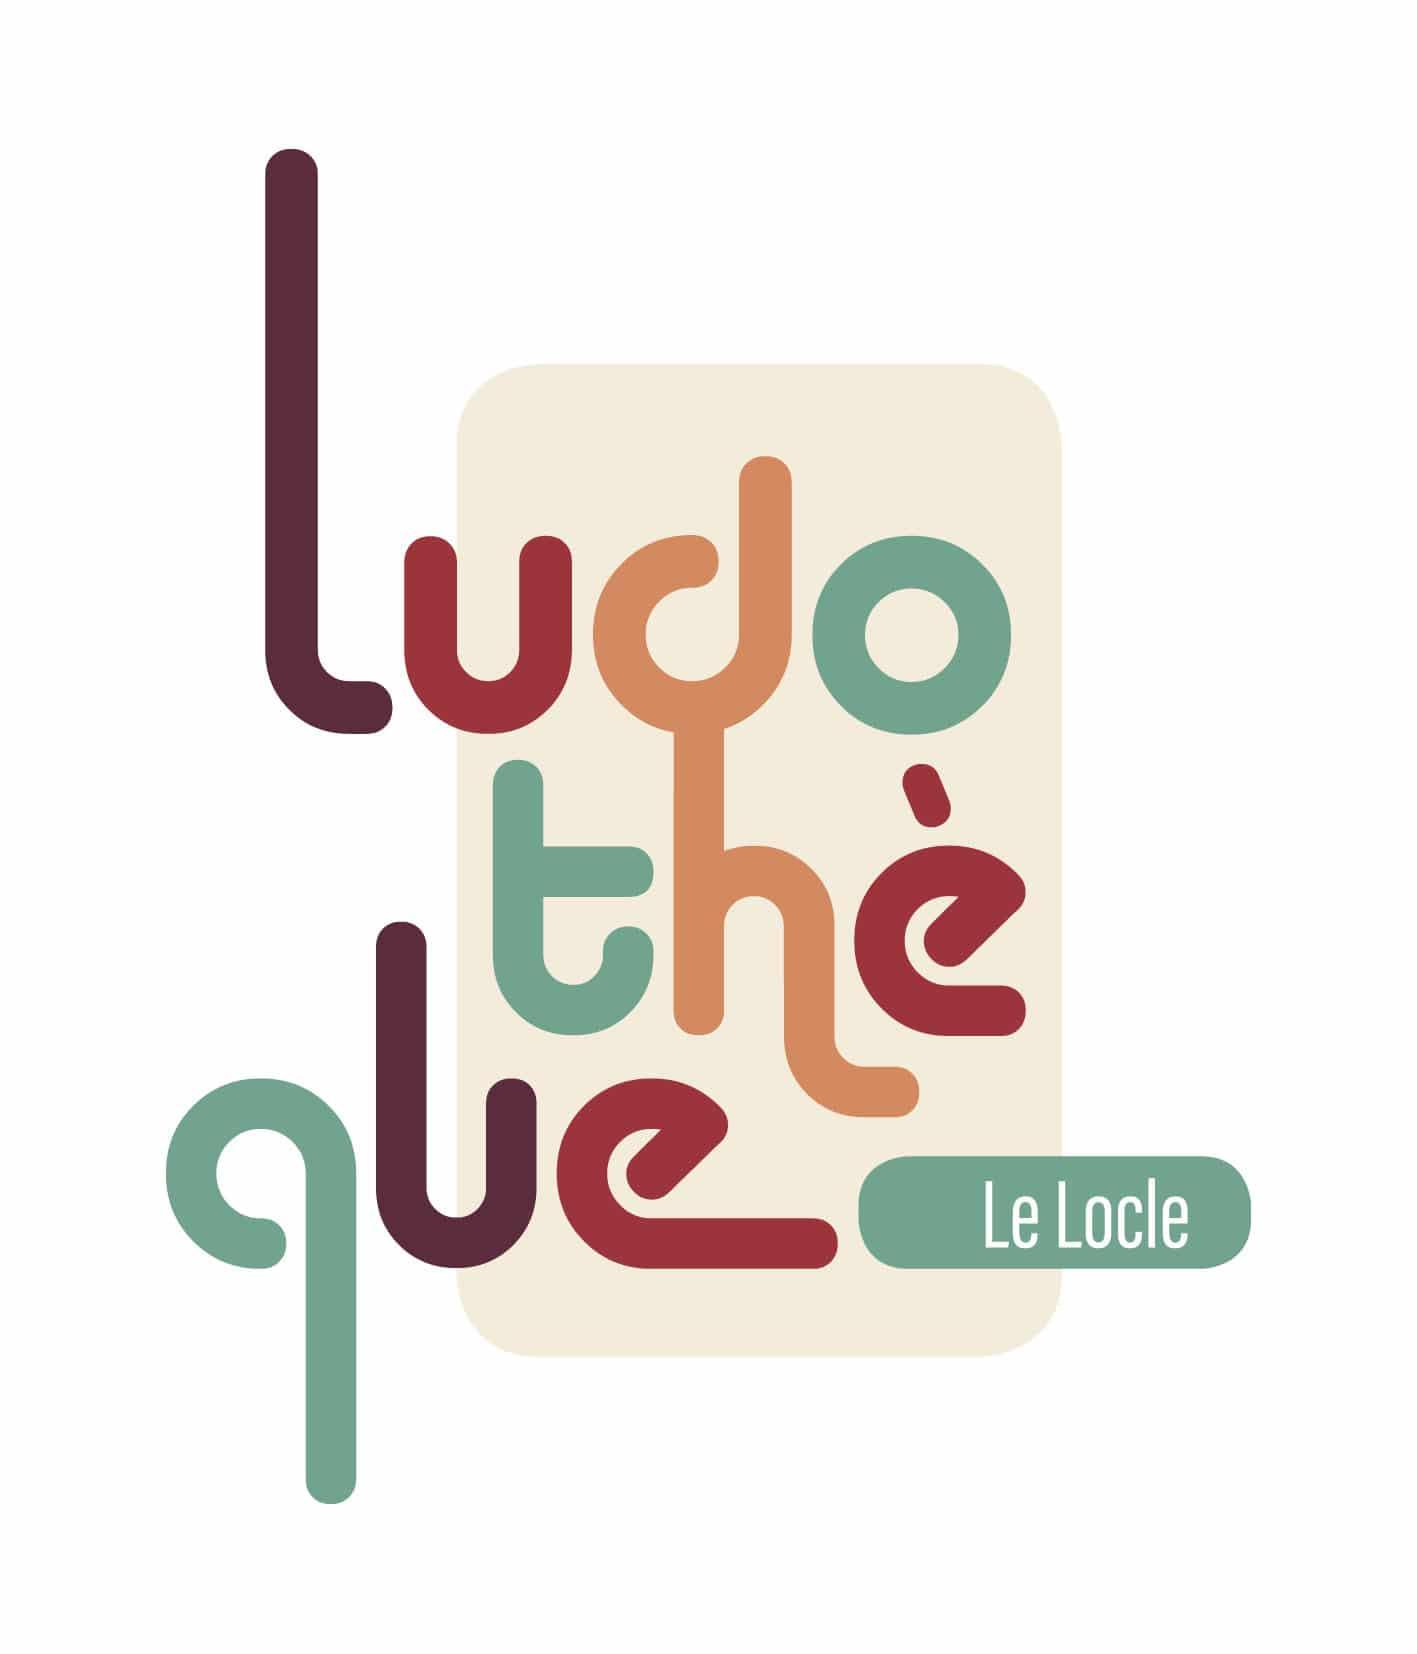 LUDOTHÈQUE LE LOCLE